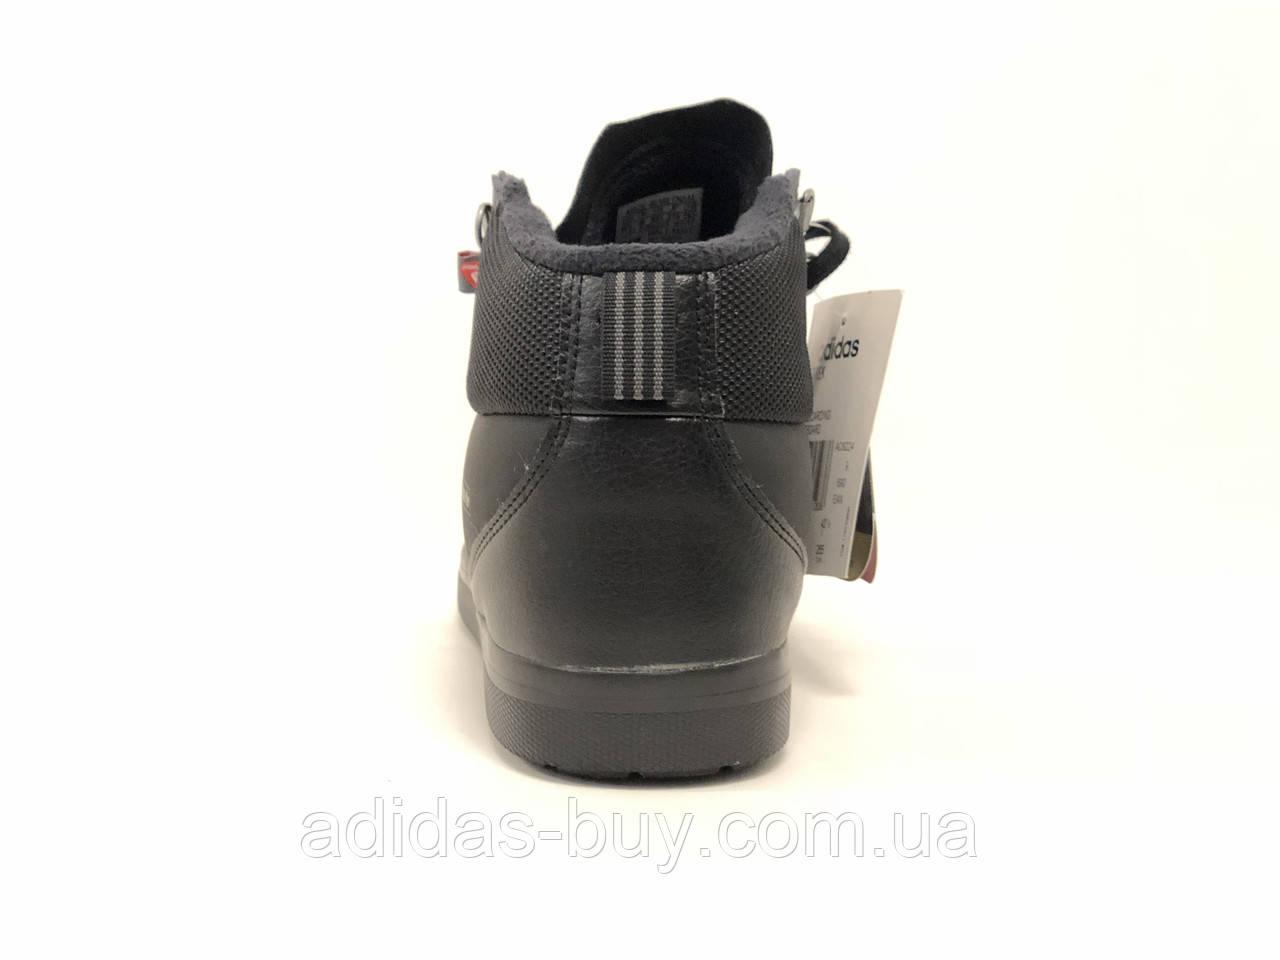 ... Ботинки мужские оригинальные adidas ADI TREK AC8224 цвет  черный 4 ... ec2445bbd89f2